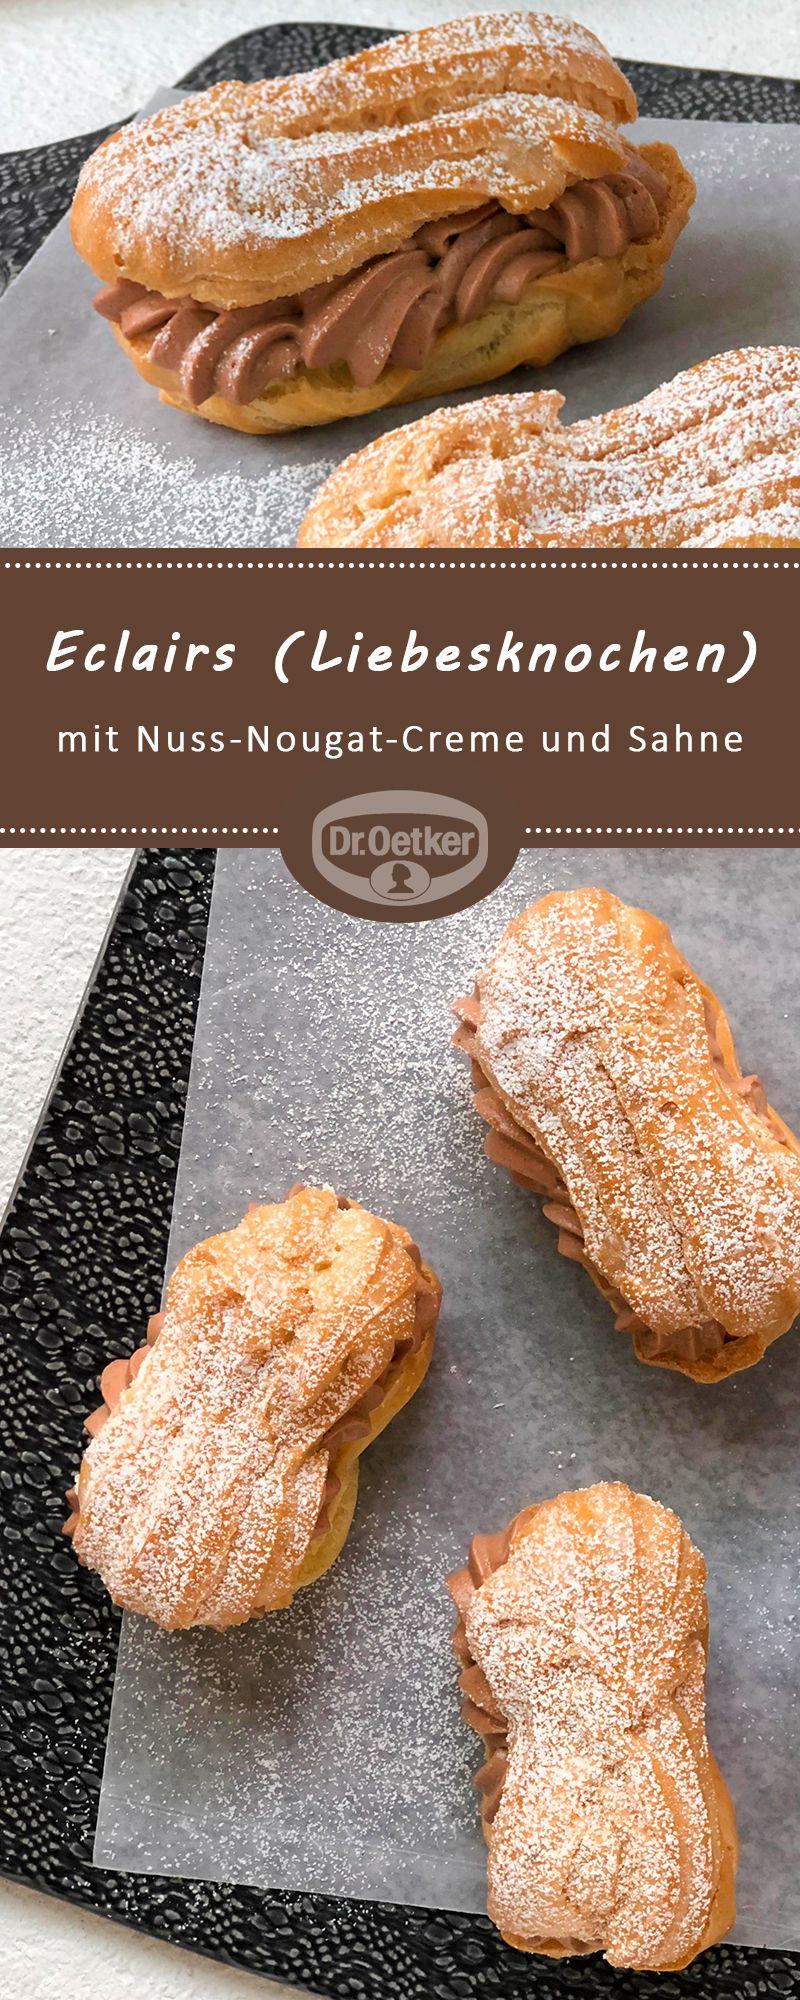 Eclairs (Liebesknochen): Gebäck aus Brandteig mit Nuss-Nougat-Creme und Sahne gefüllt #selberbacken #kaffeetafel #healthymarshmallows